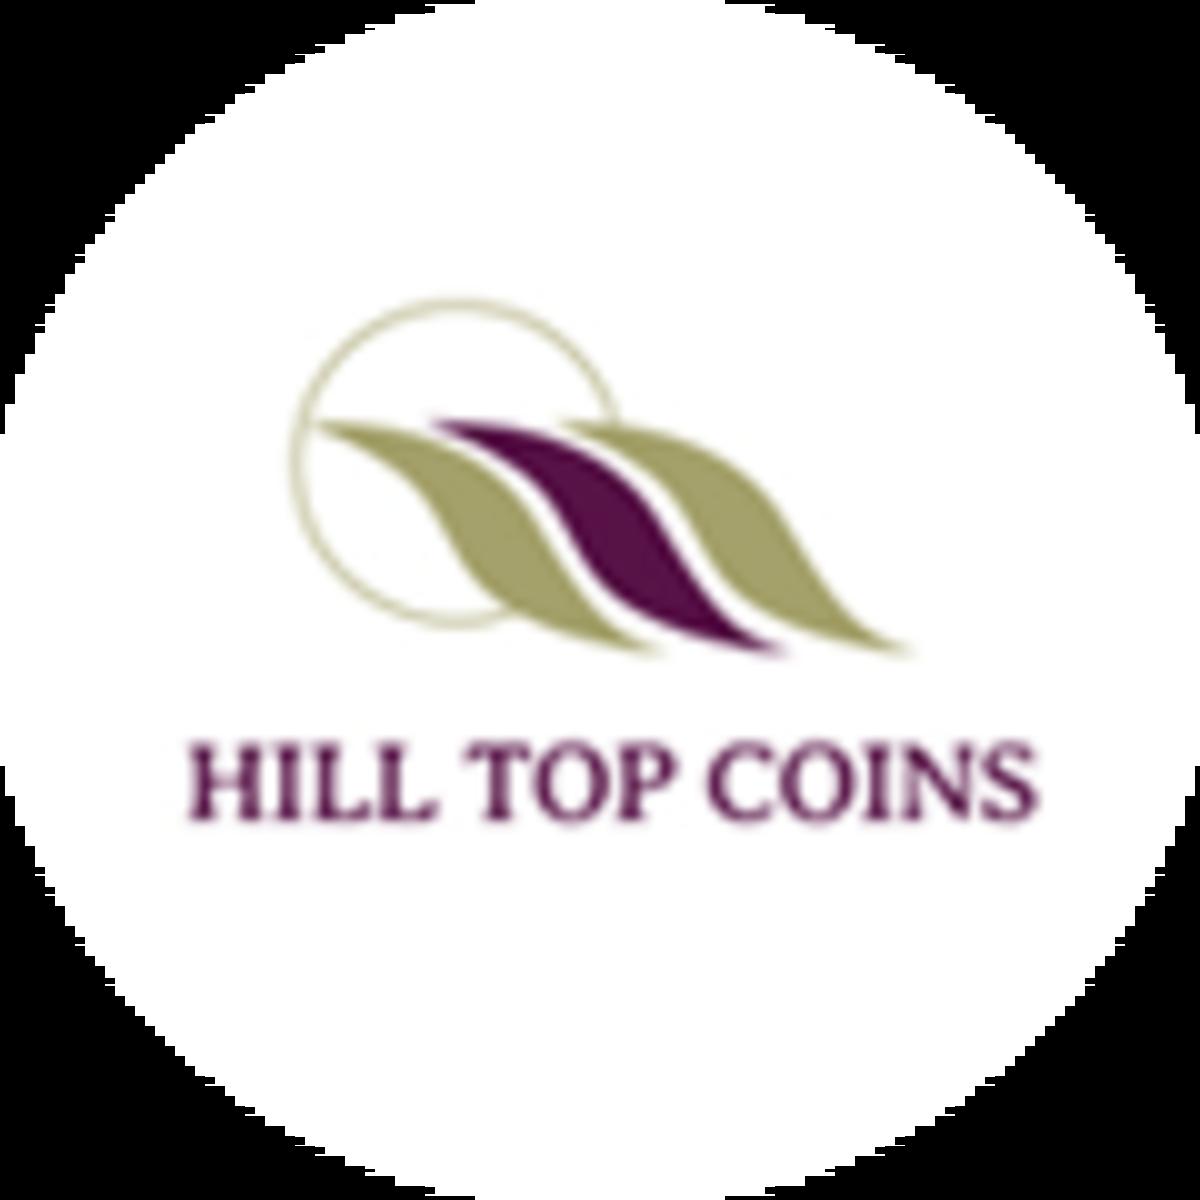 hill-top-coins-logo-320w